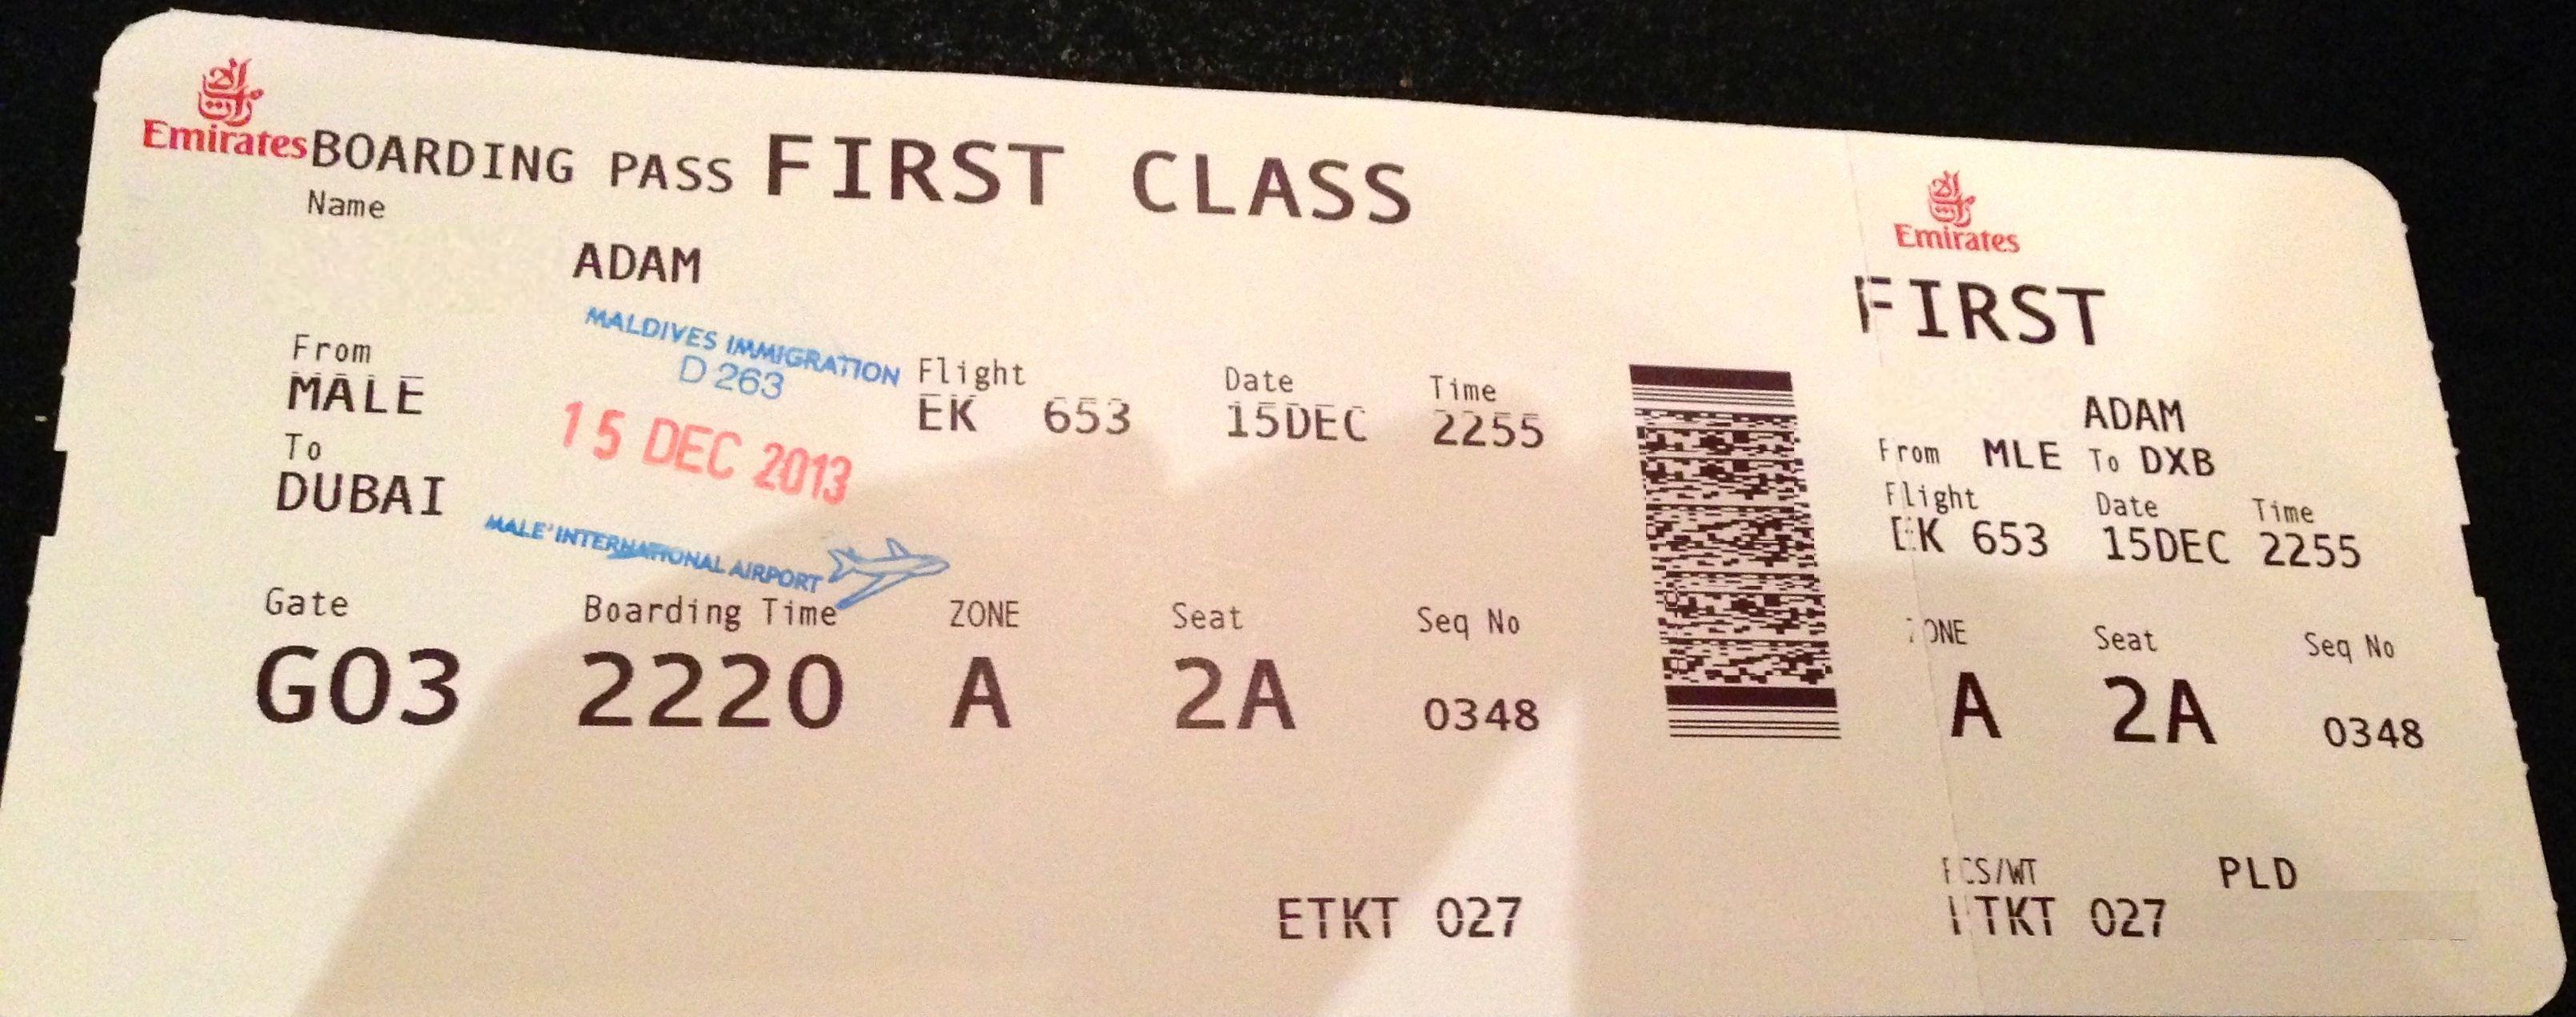 Купить билет на самолет до дубая билеты в таллин на самолет аэрофлот